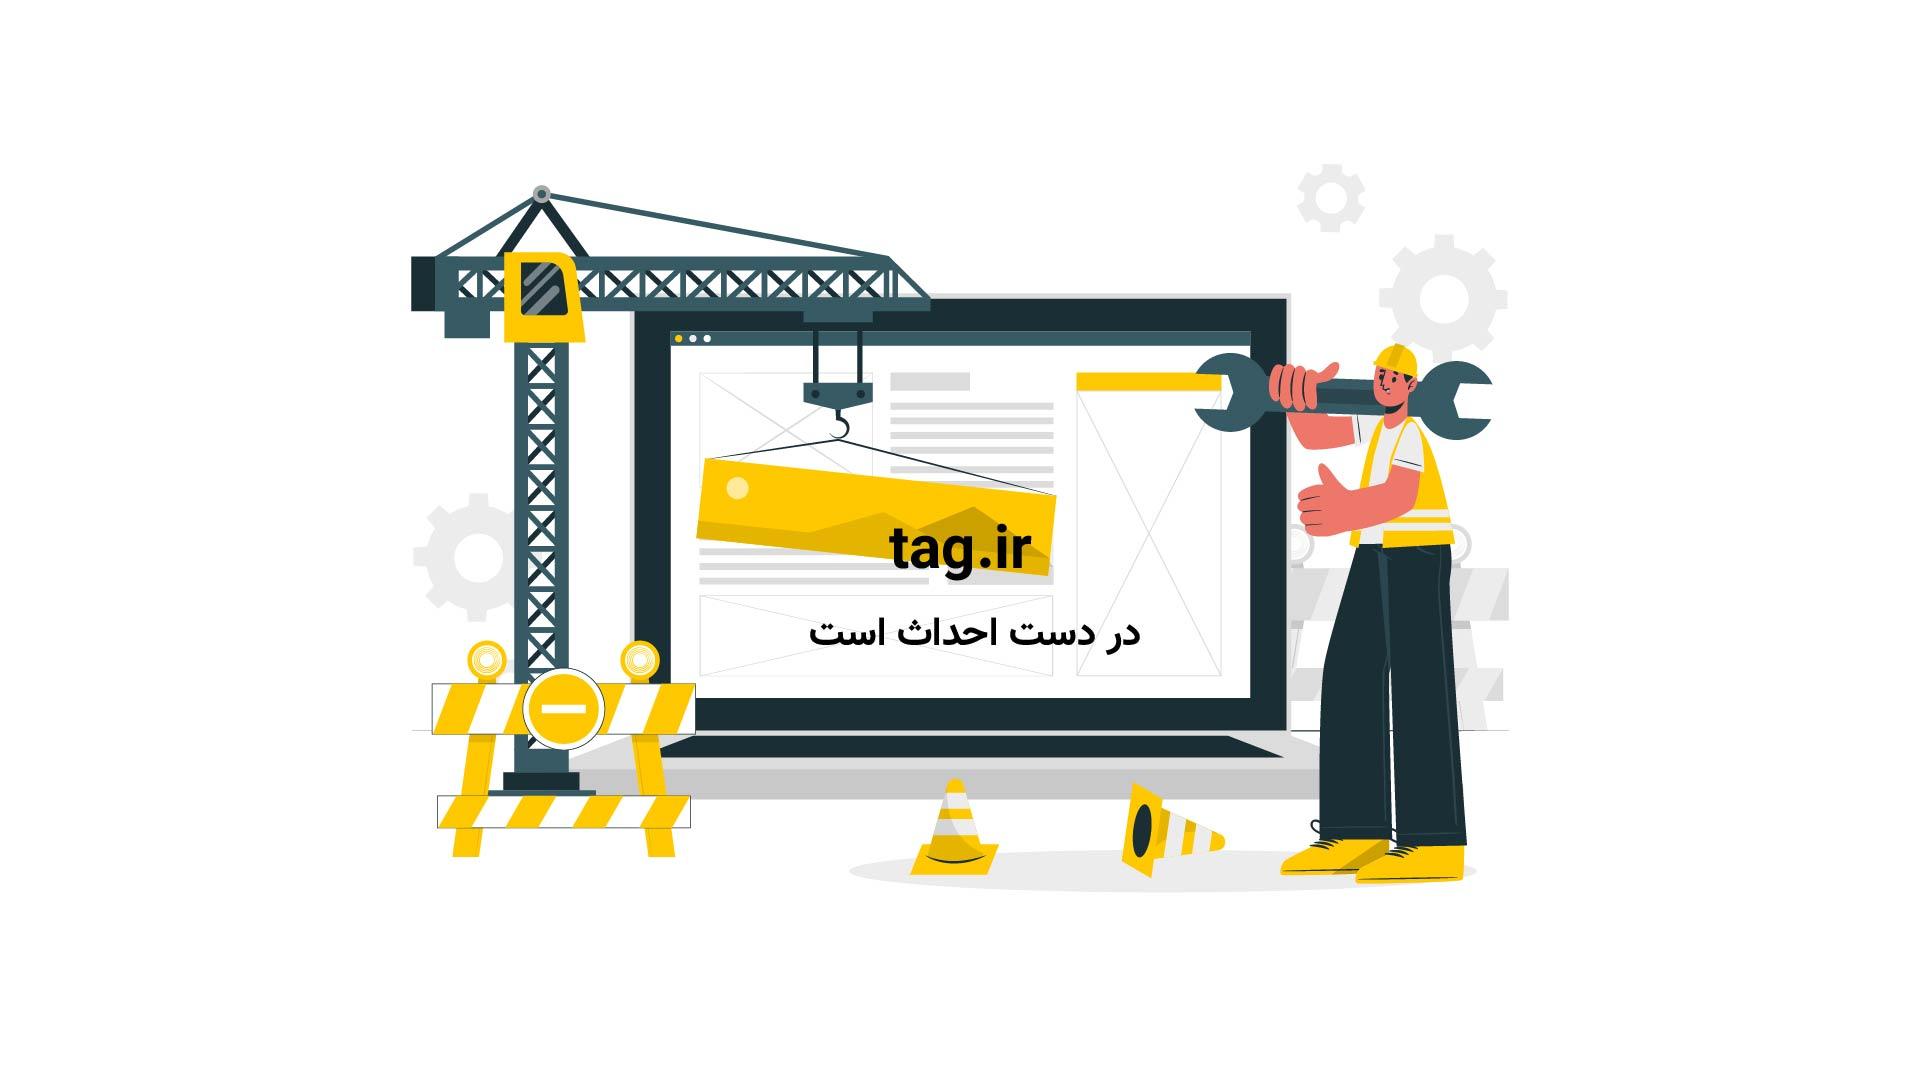 صحنه های جالب از سر کار گذاشتن پنگوئنها + فیلم